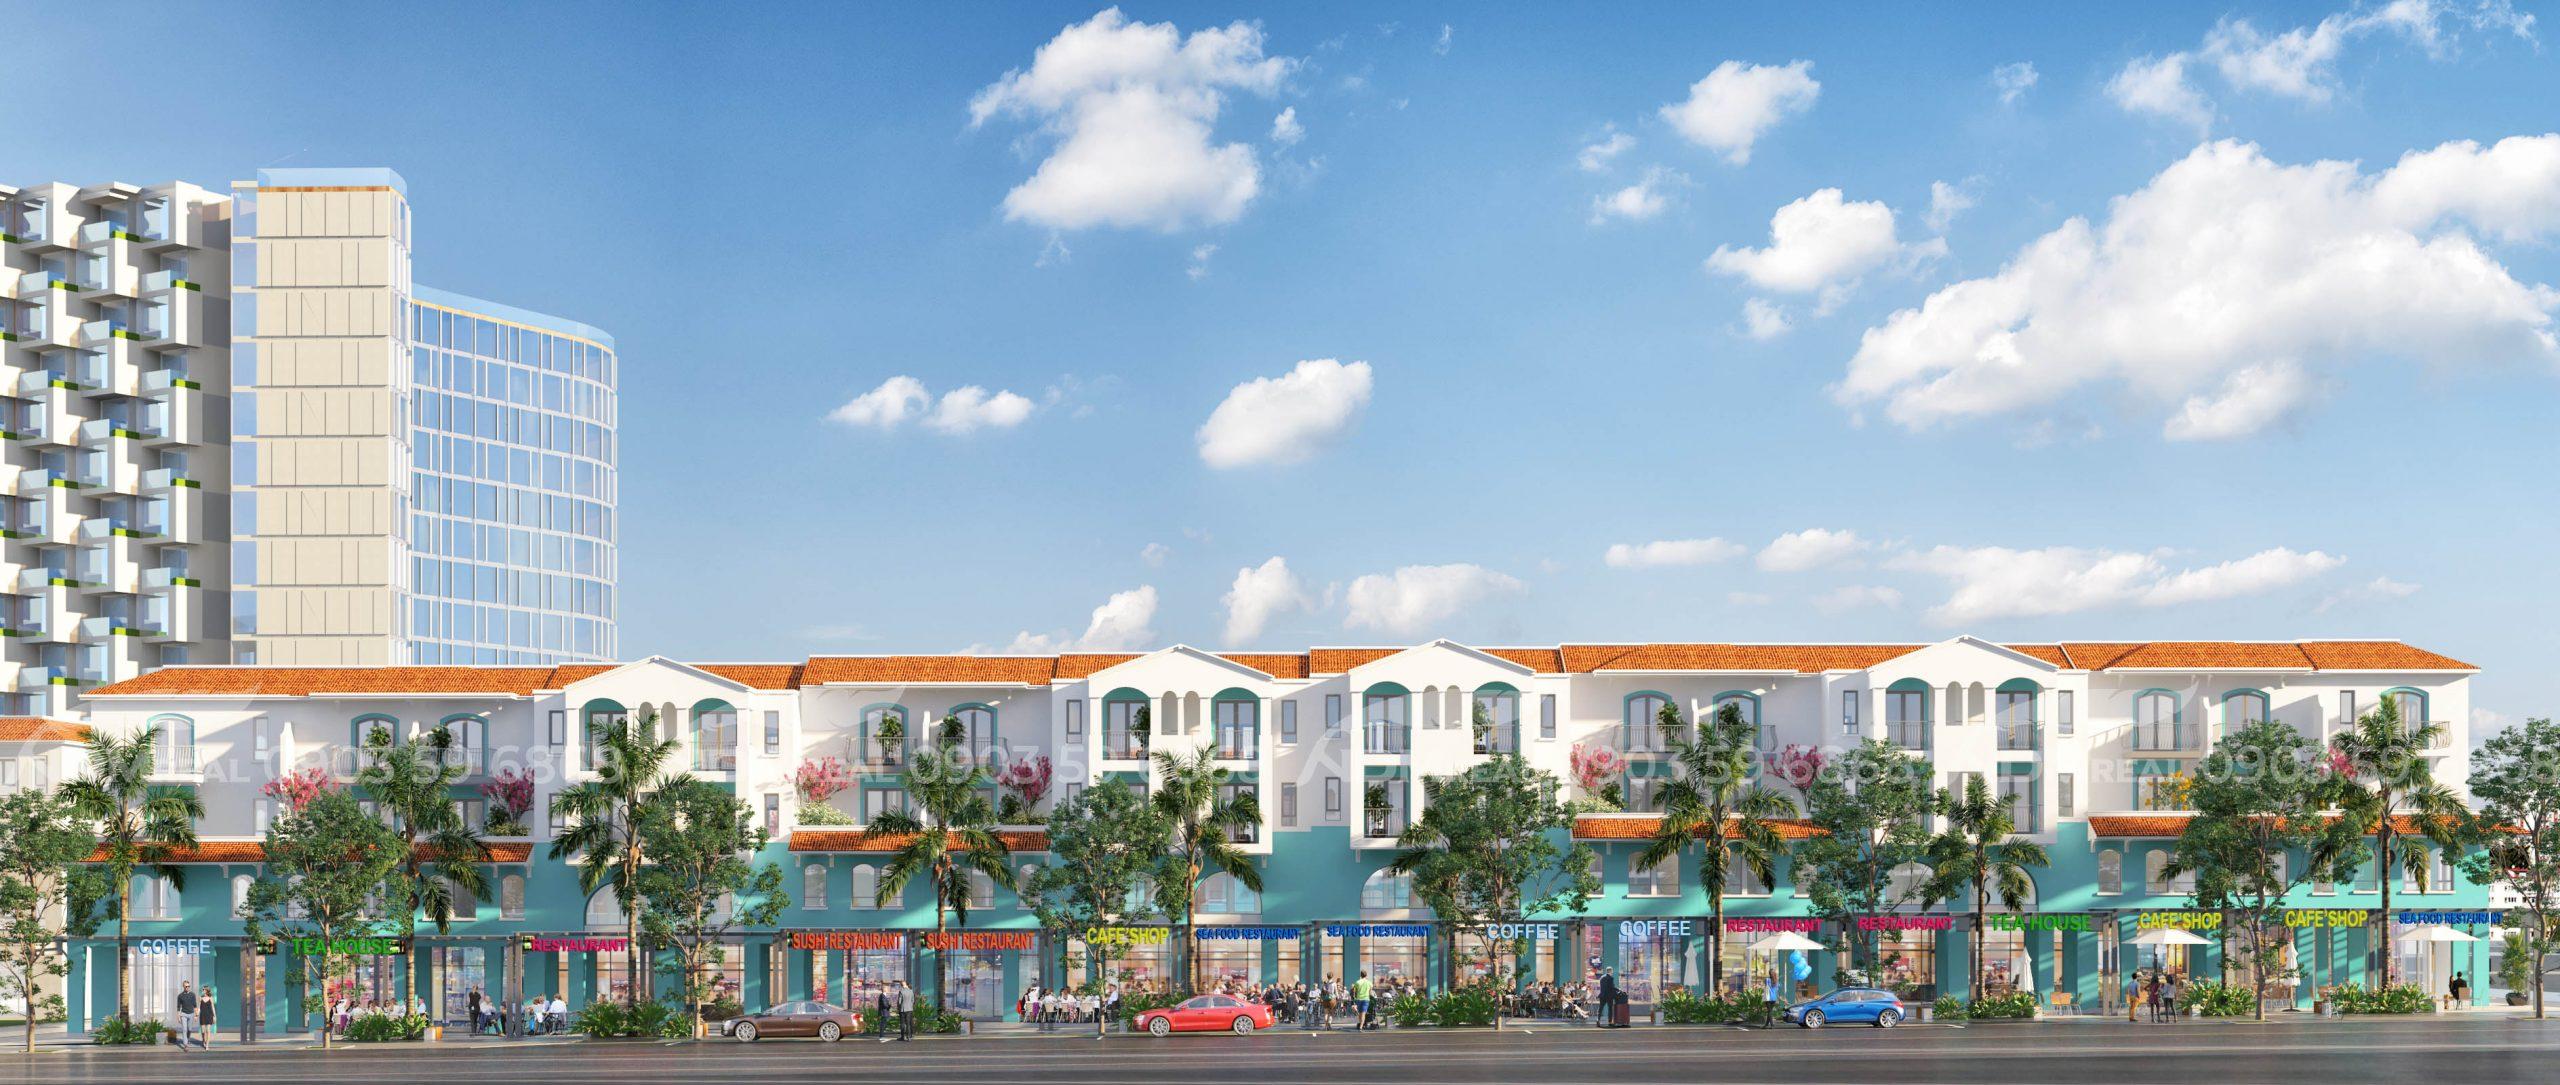 Kallias Complex City - Dự án nghỉ dưỡng ven biển Phú Yên